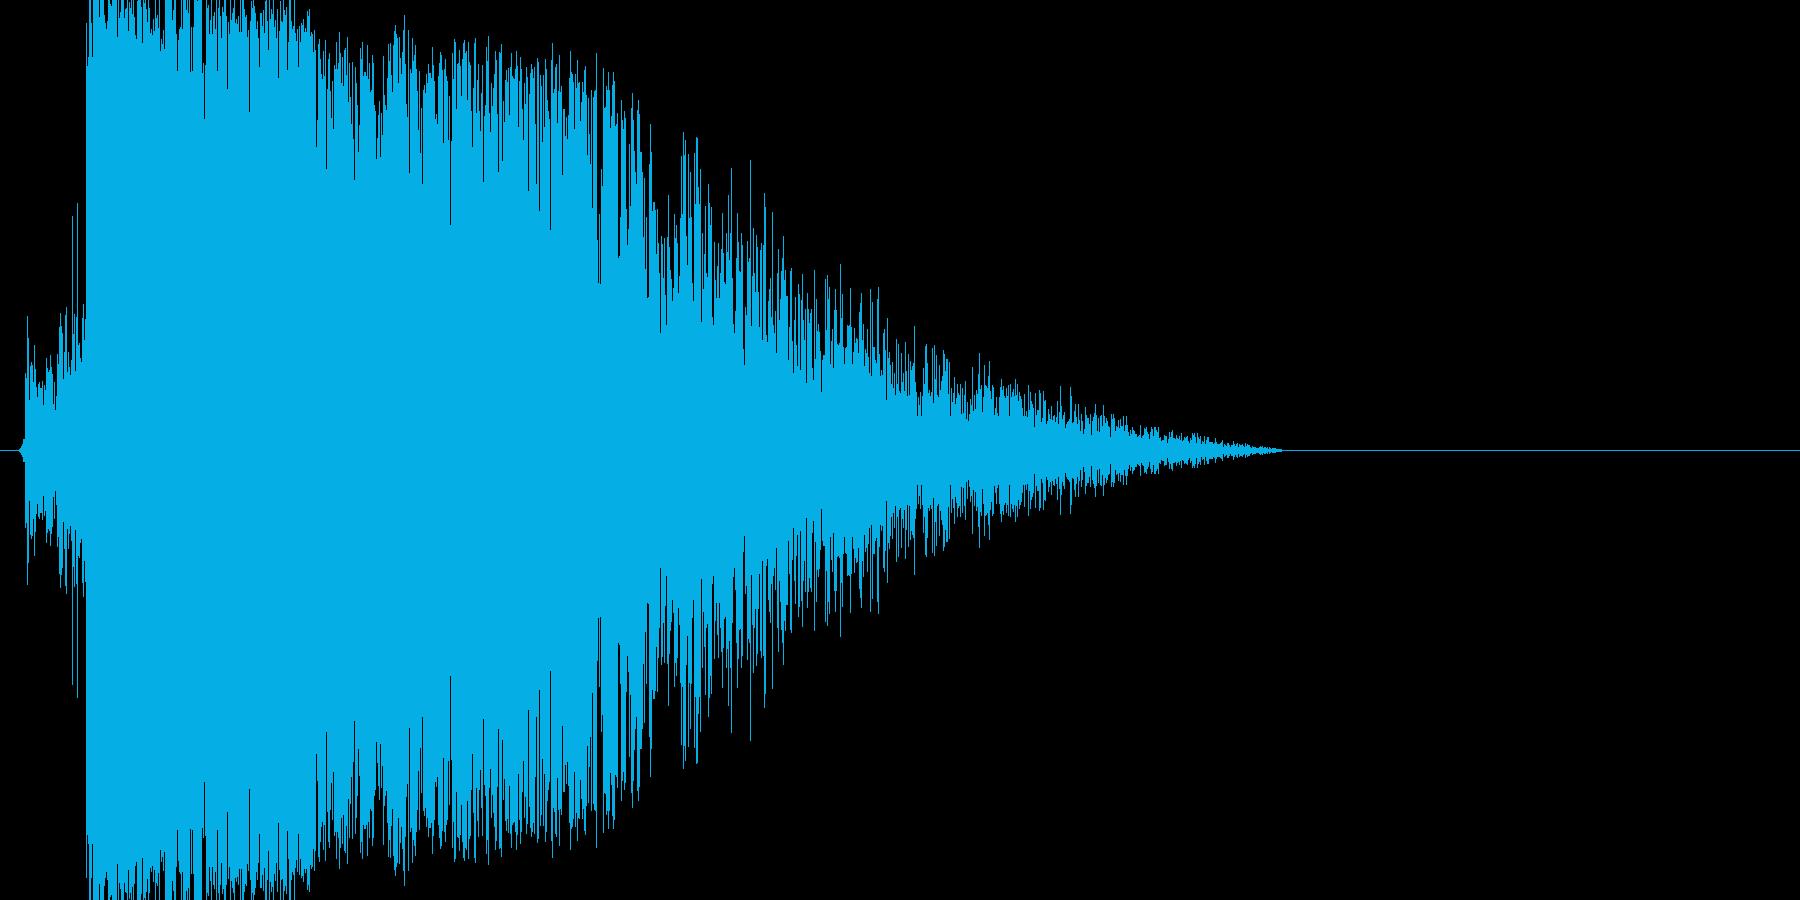 キュイン!カキーン!大迫力インパクト音の再生済みの波形